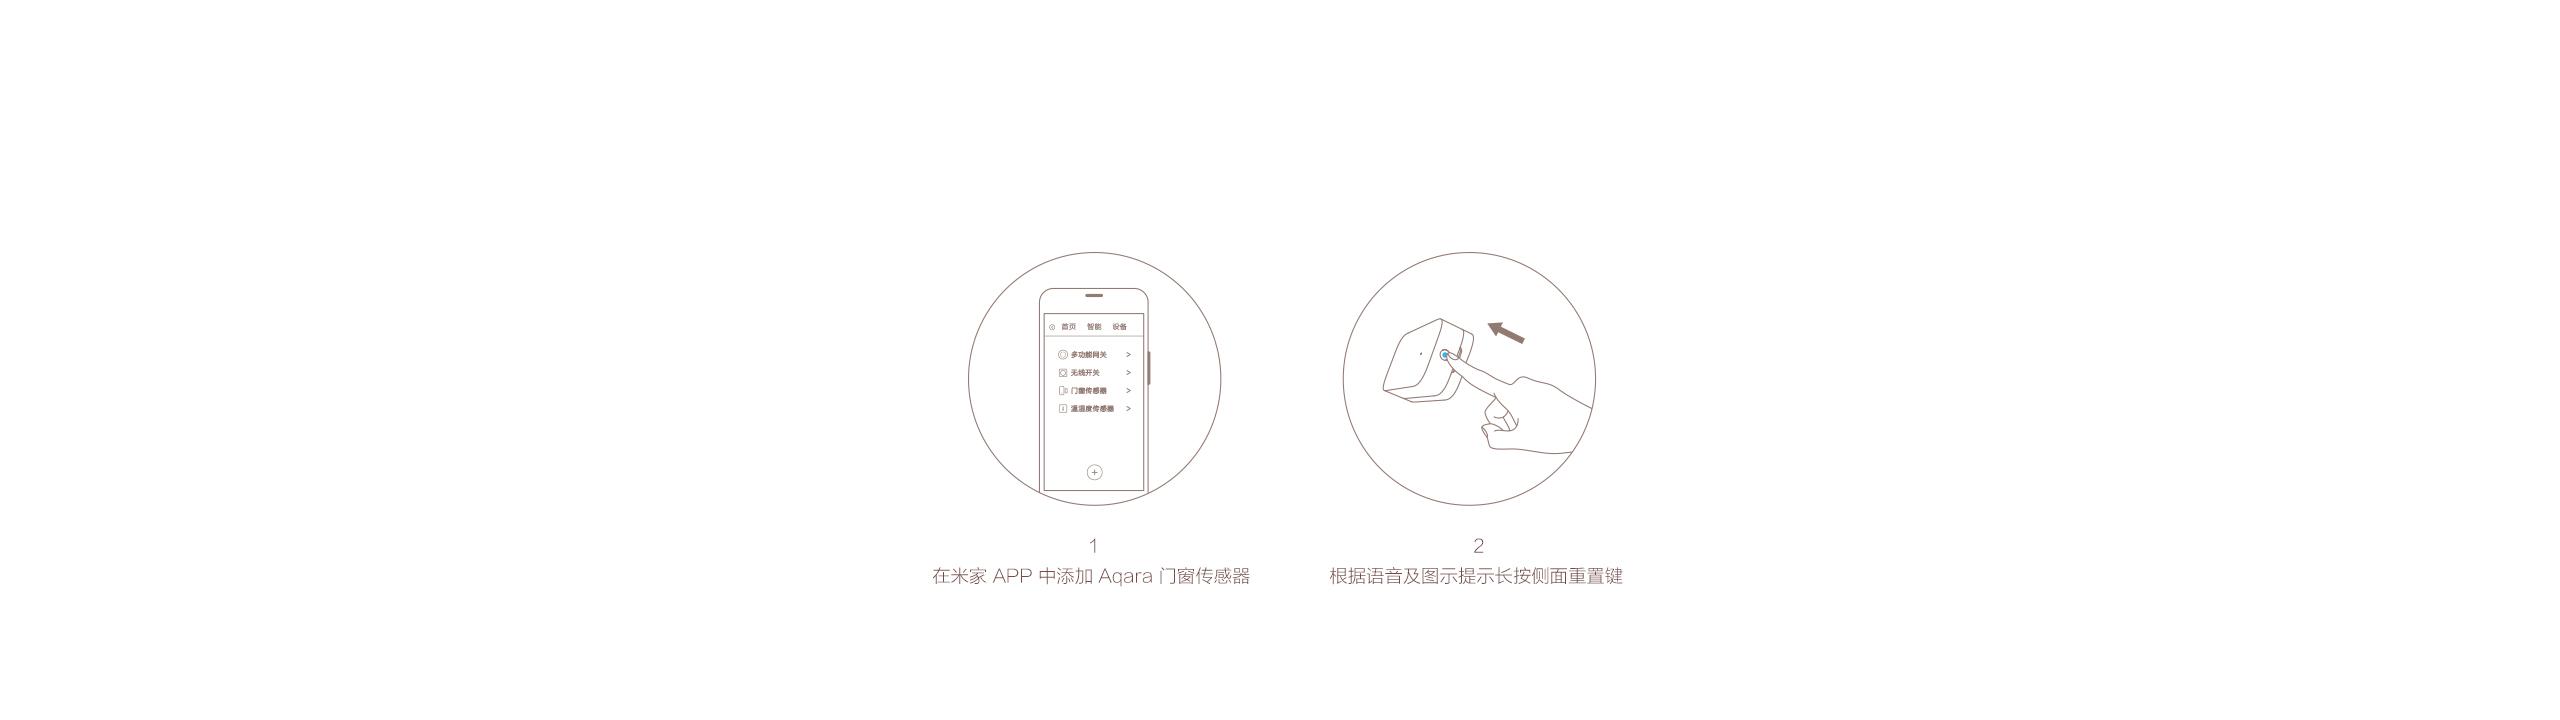 Aqara 门窗传感器 - 简单配置